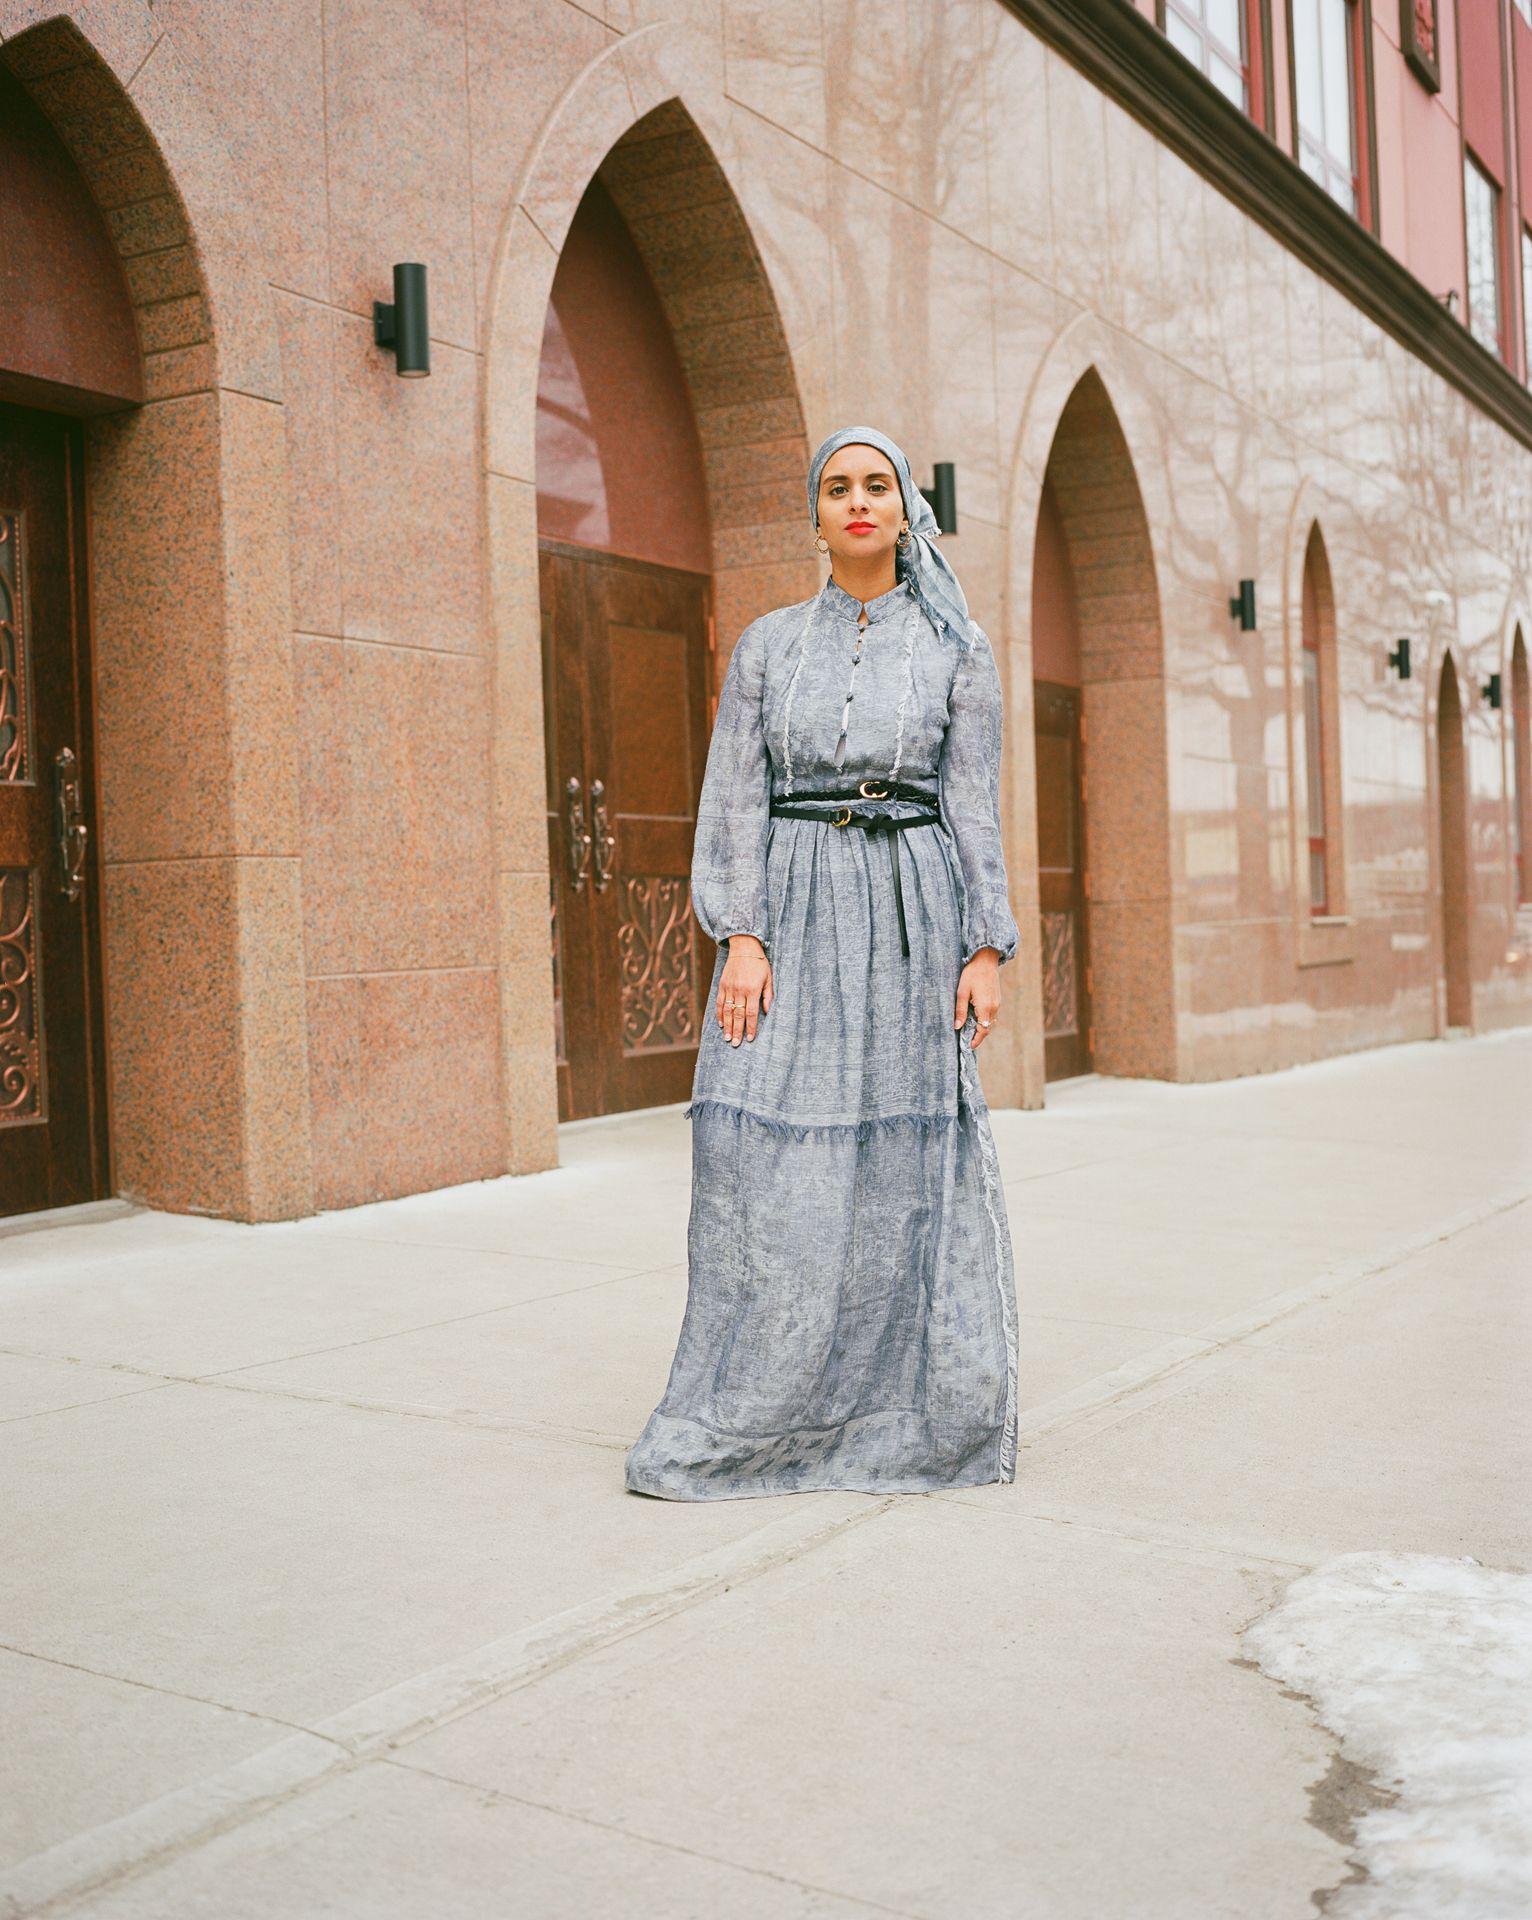 Femme robe debout devant lieu de prière New York